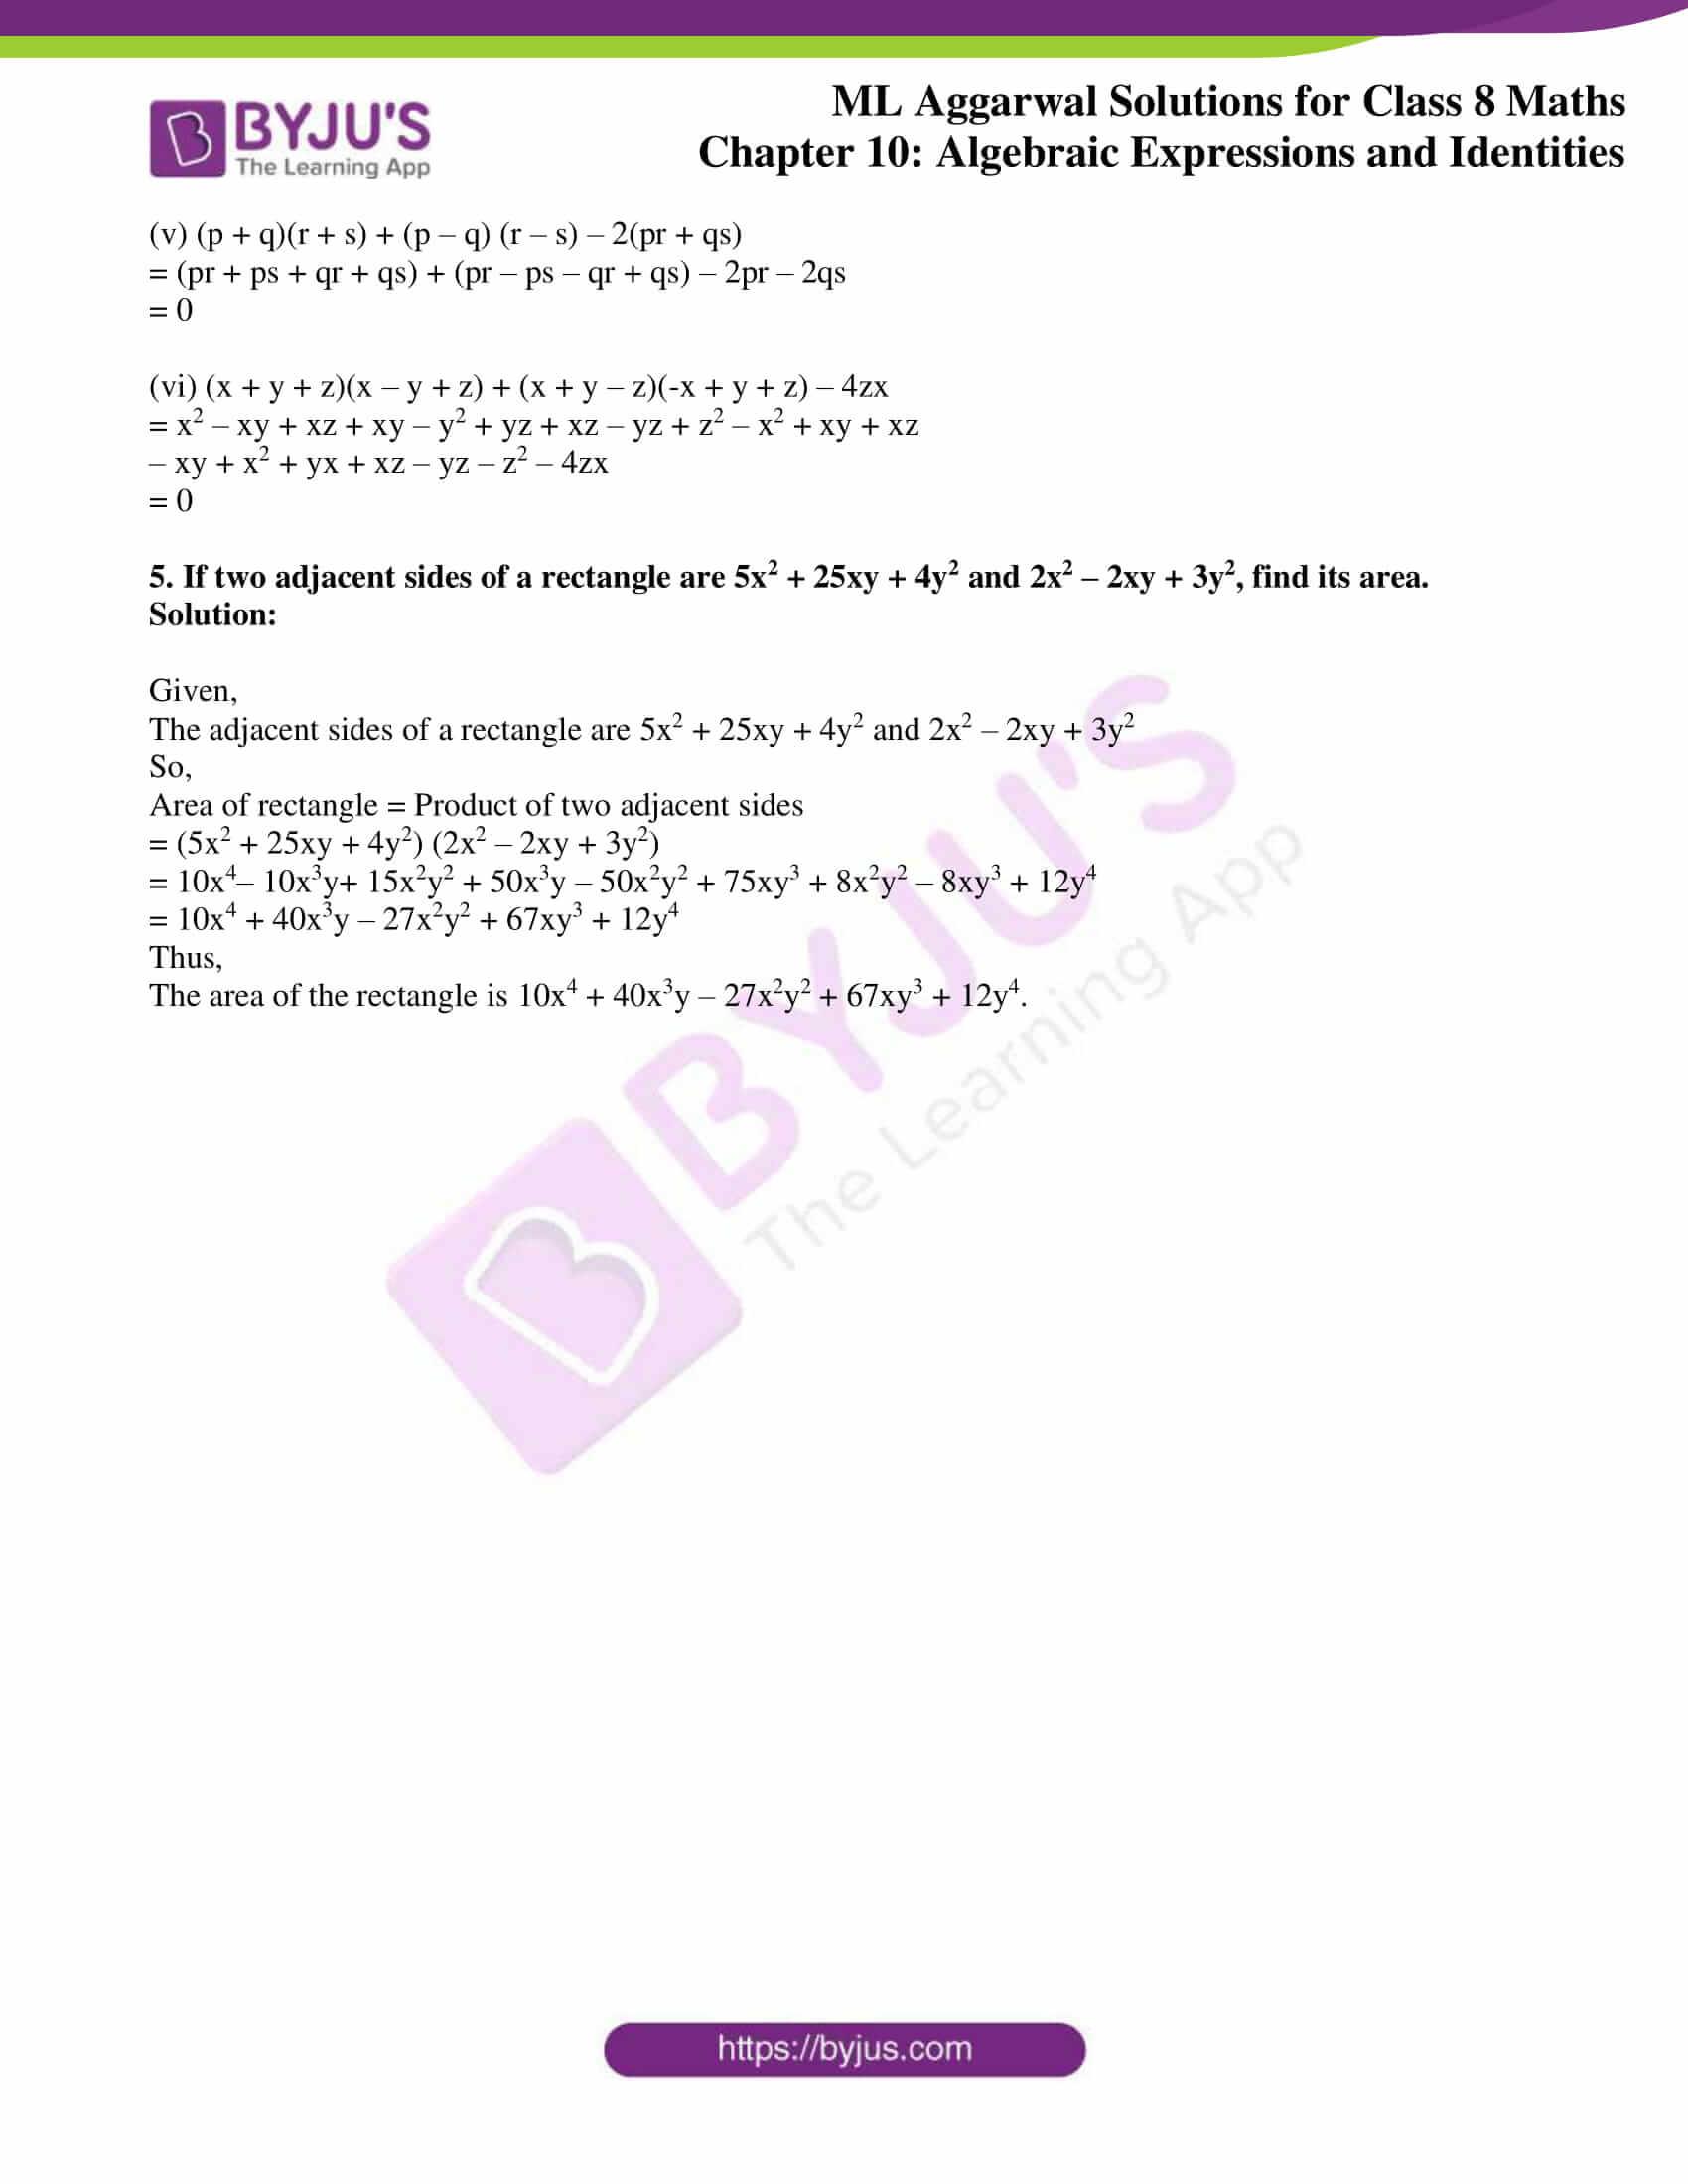 ml aggarwal sol mathematics class 8 ch 10 12